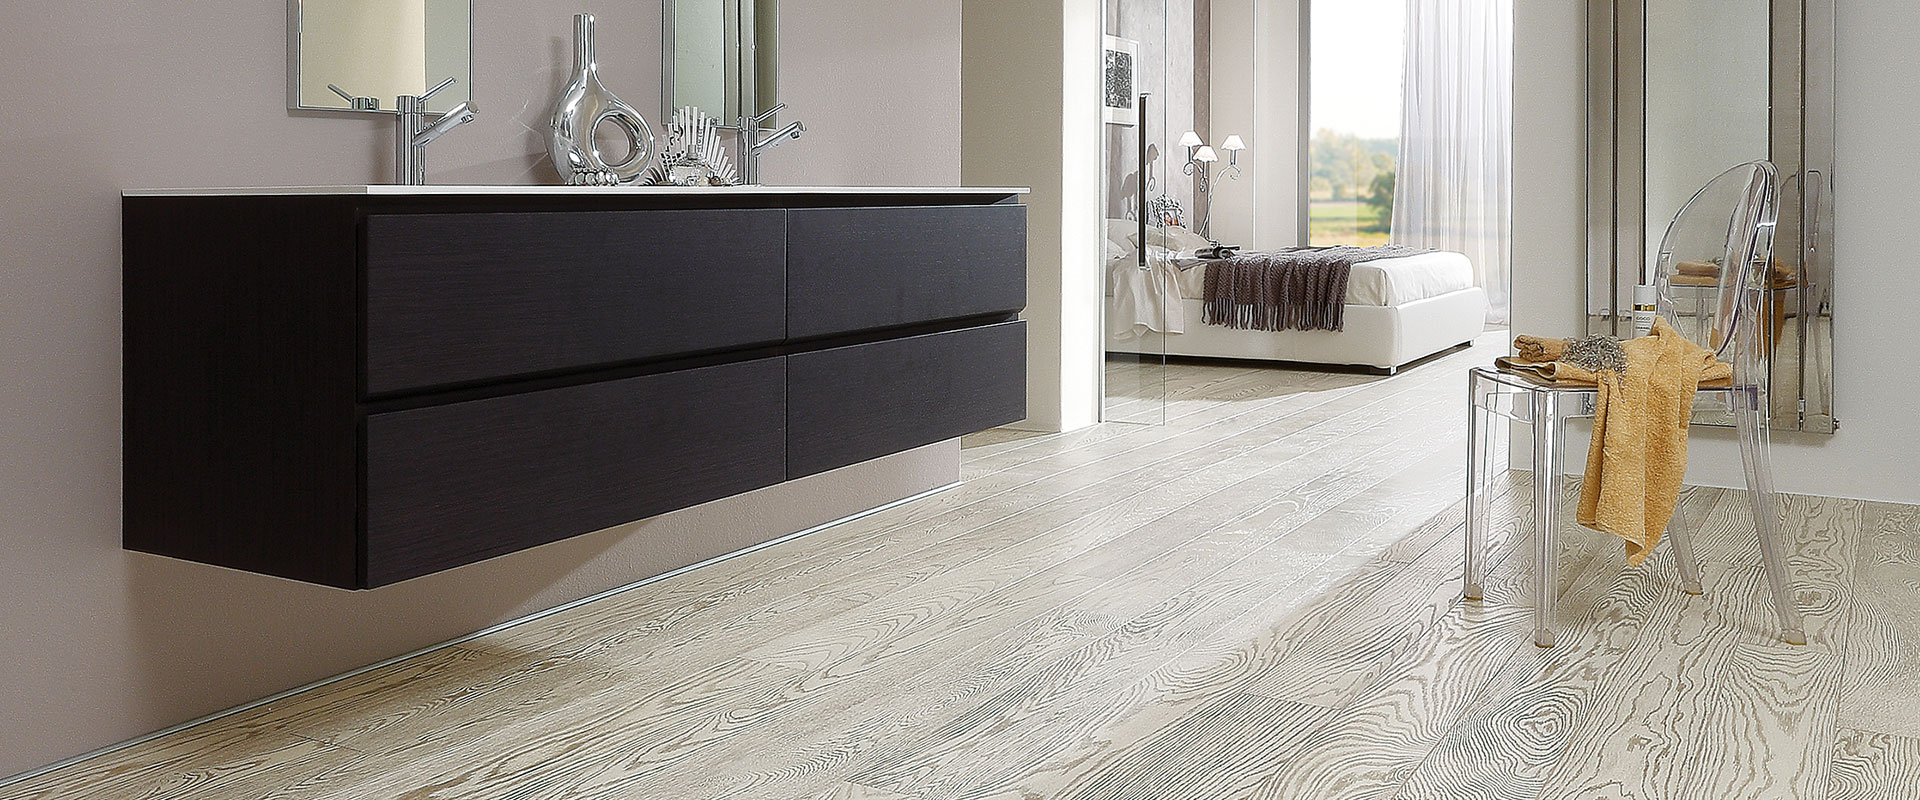 Gallery: Wooden Floor for Bathroom | Garbelotto